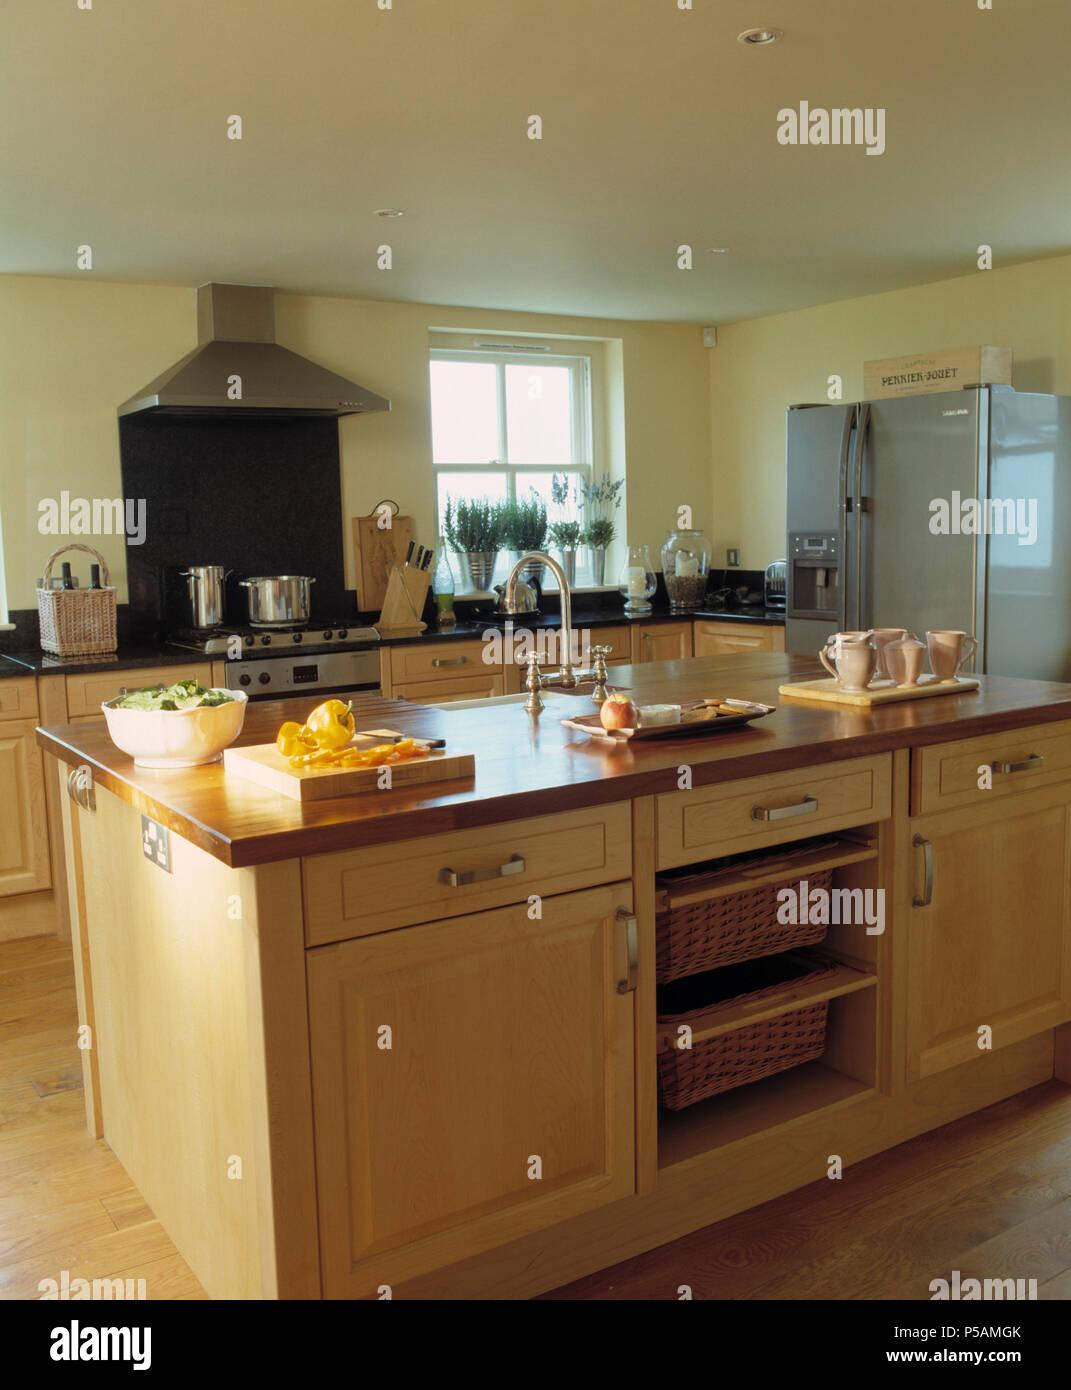 Isla Grande unidad con cestas de almacenamiento integral en la moderna  cocina de madera ligera Imagen 92cad44e8172